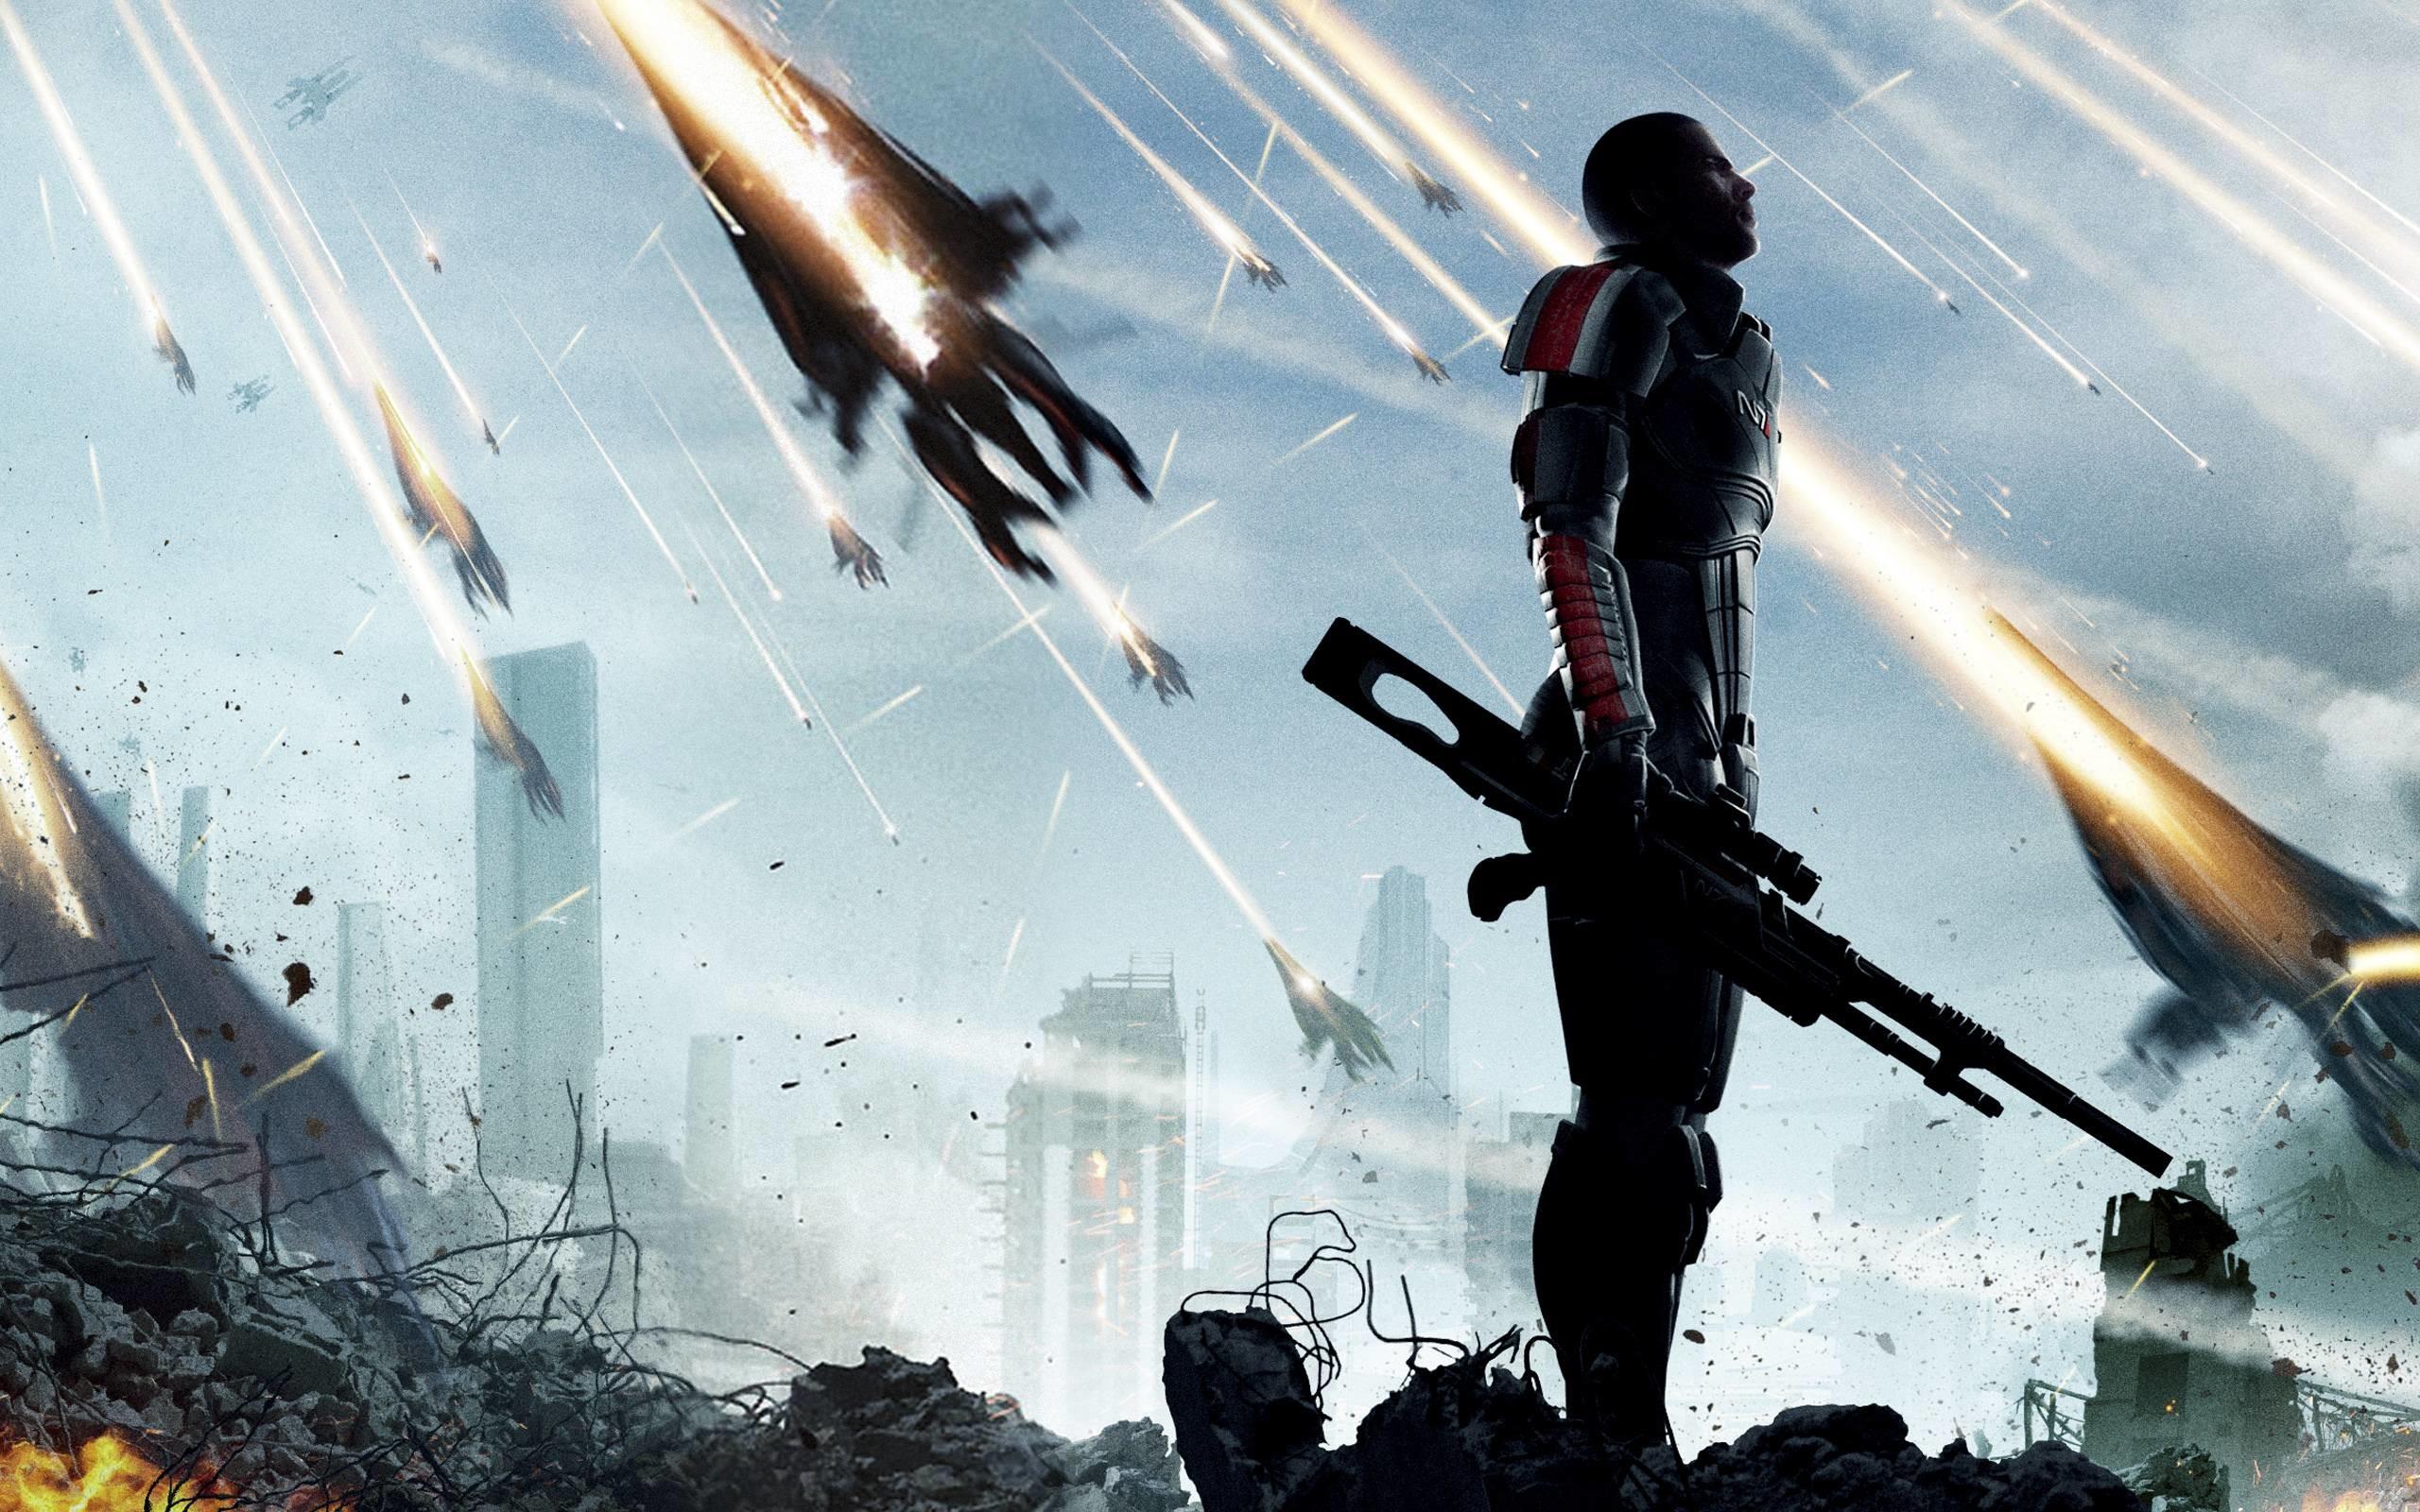 Mass Effect 3 Concept Art HD Wide Wallpaper – Resolution